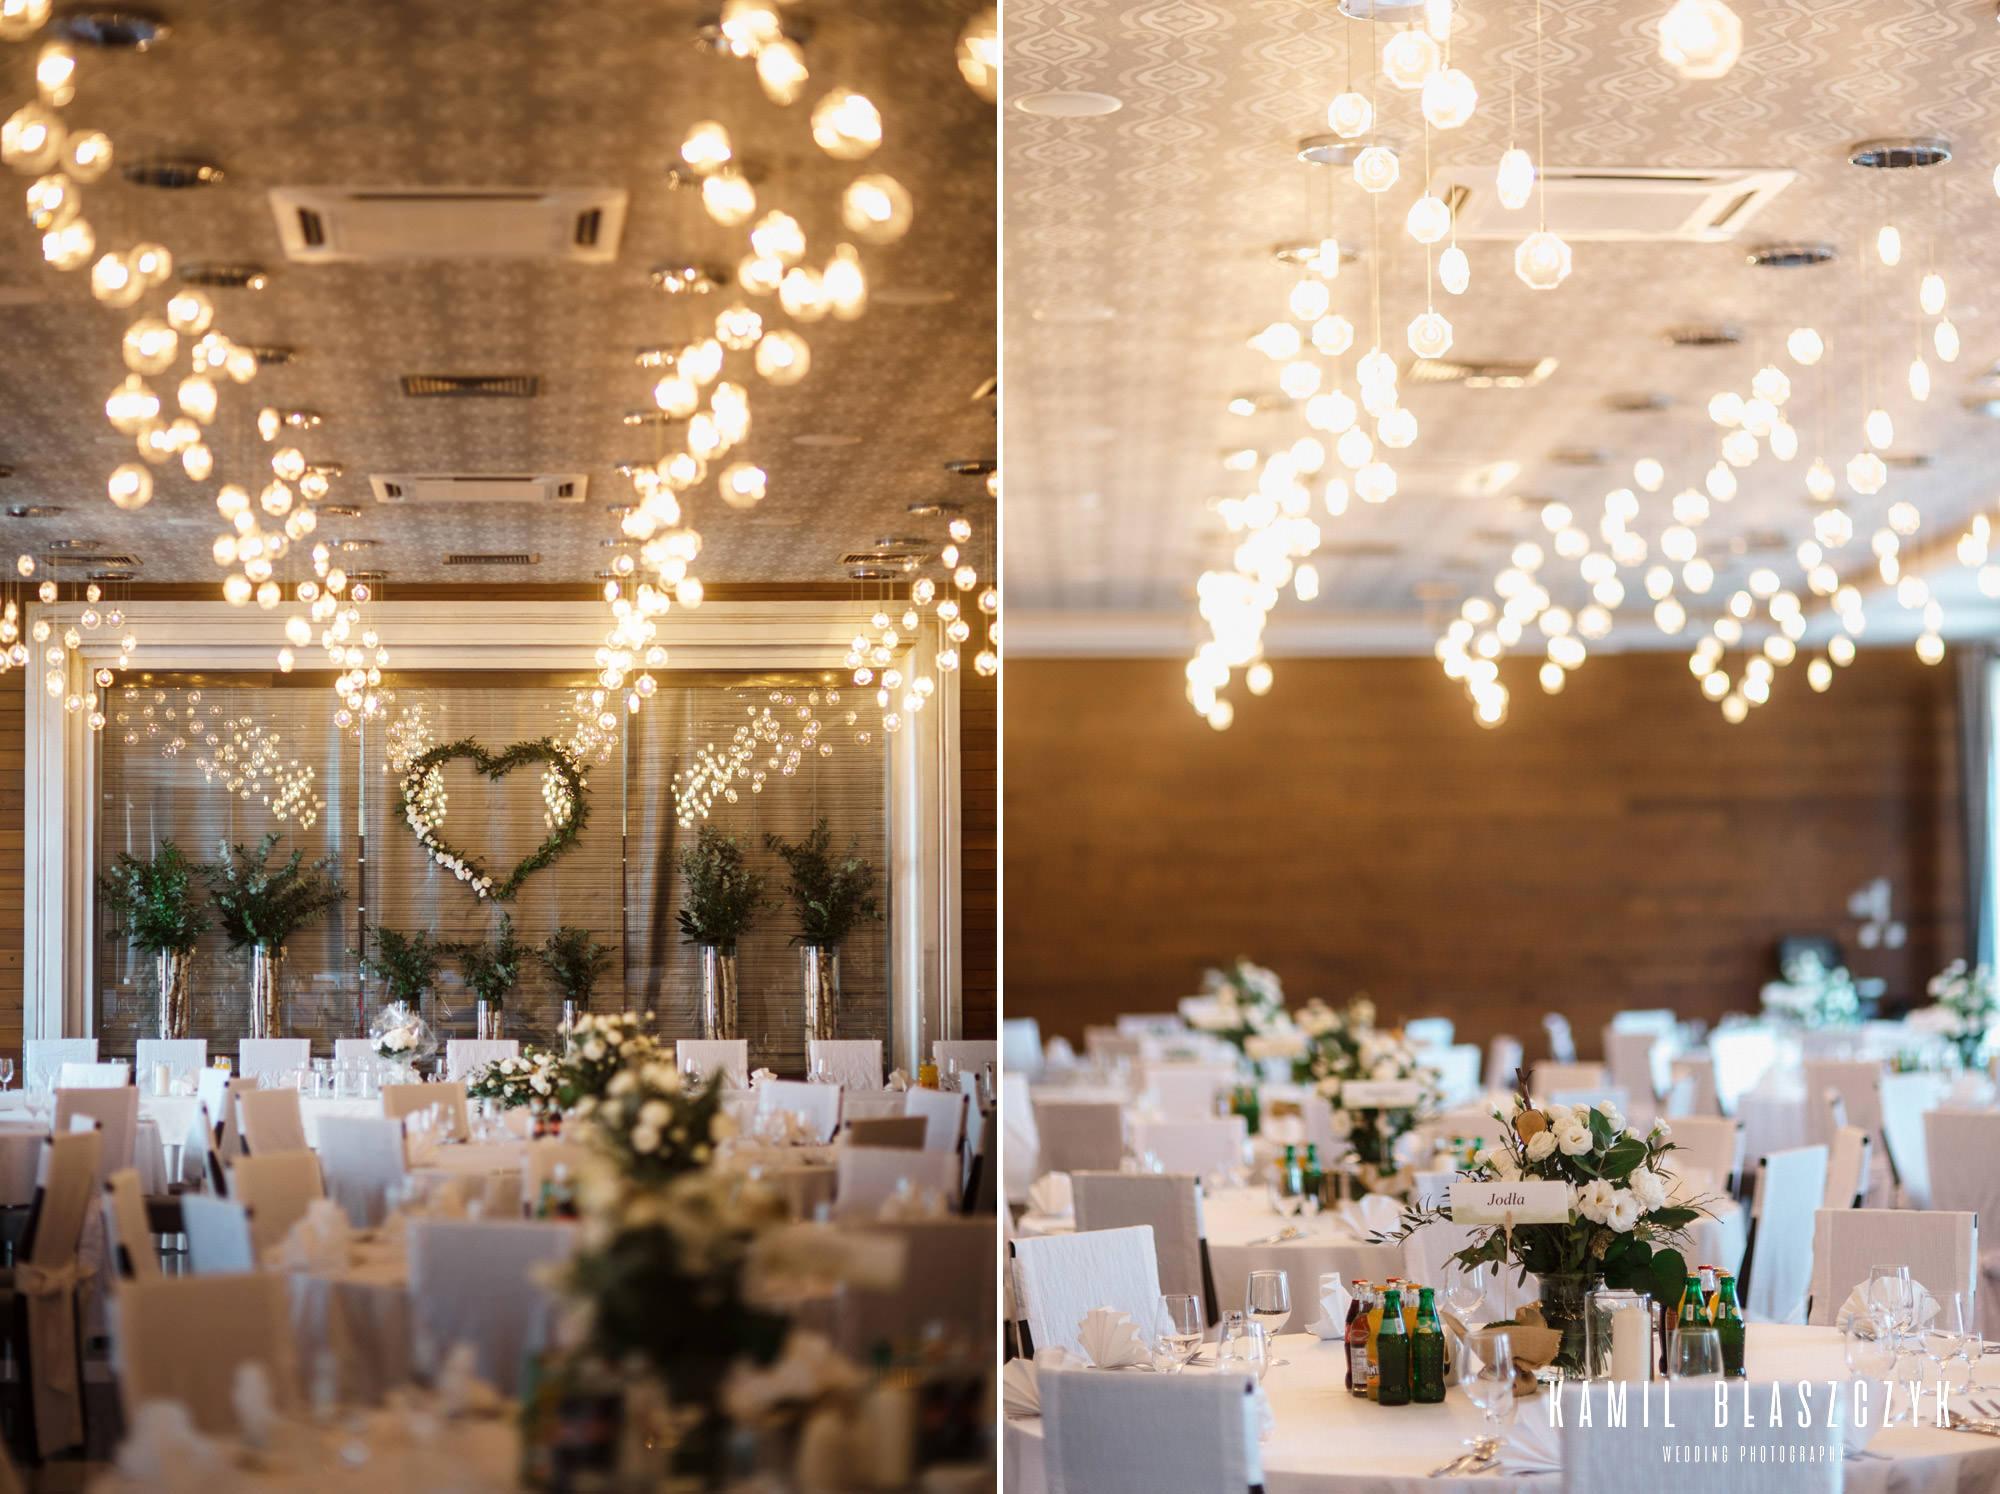 Dekoracja na wesele w Hotelu Grzegorzewski w Tuszynie - lokal na eleganckie wesele w województwie łódzkim